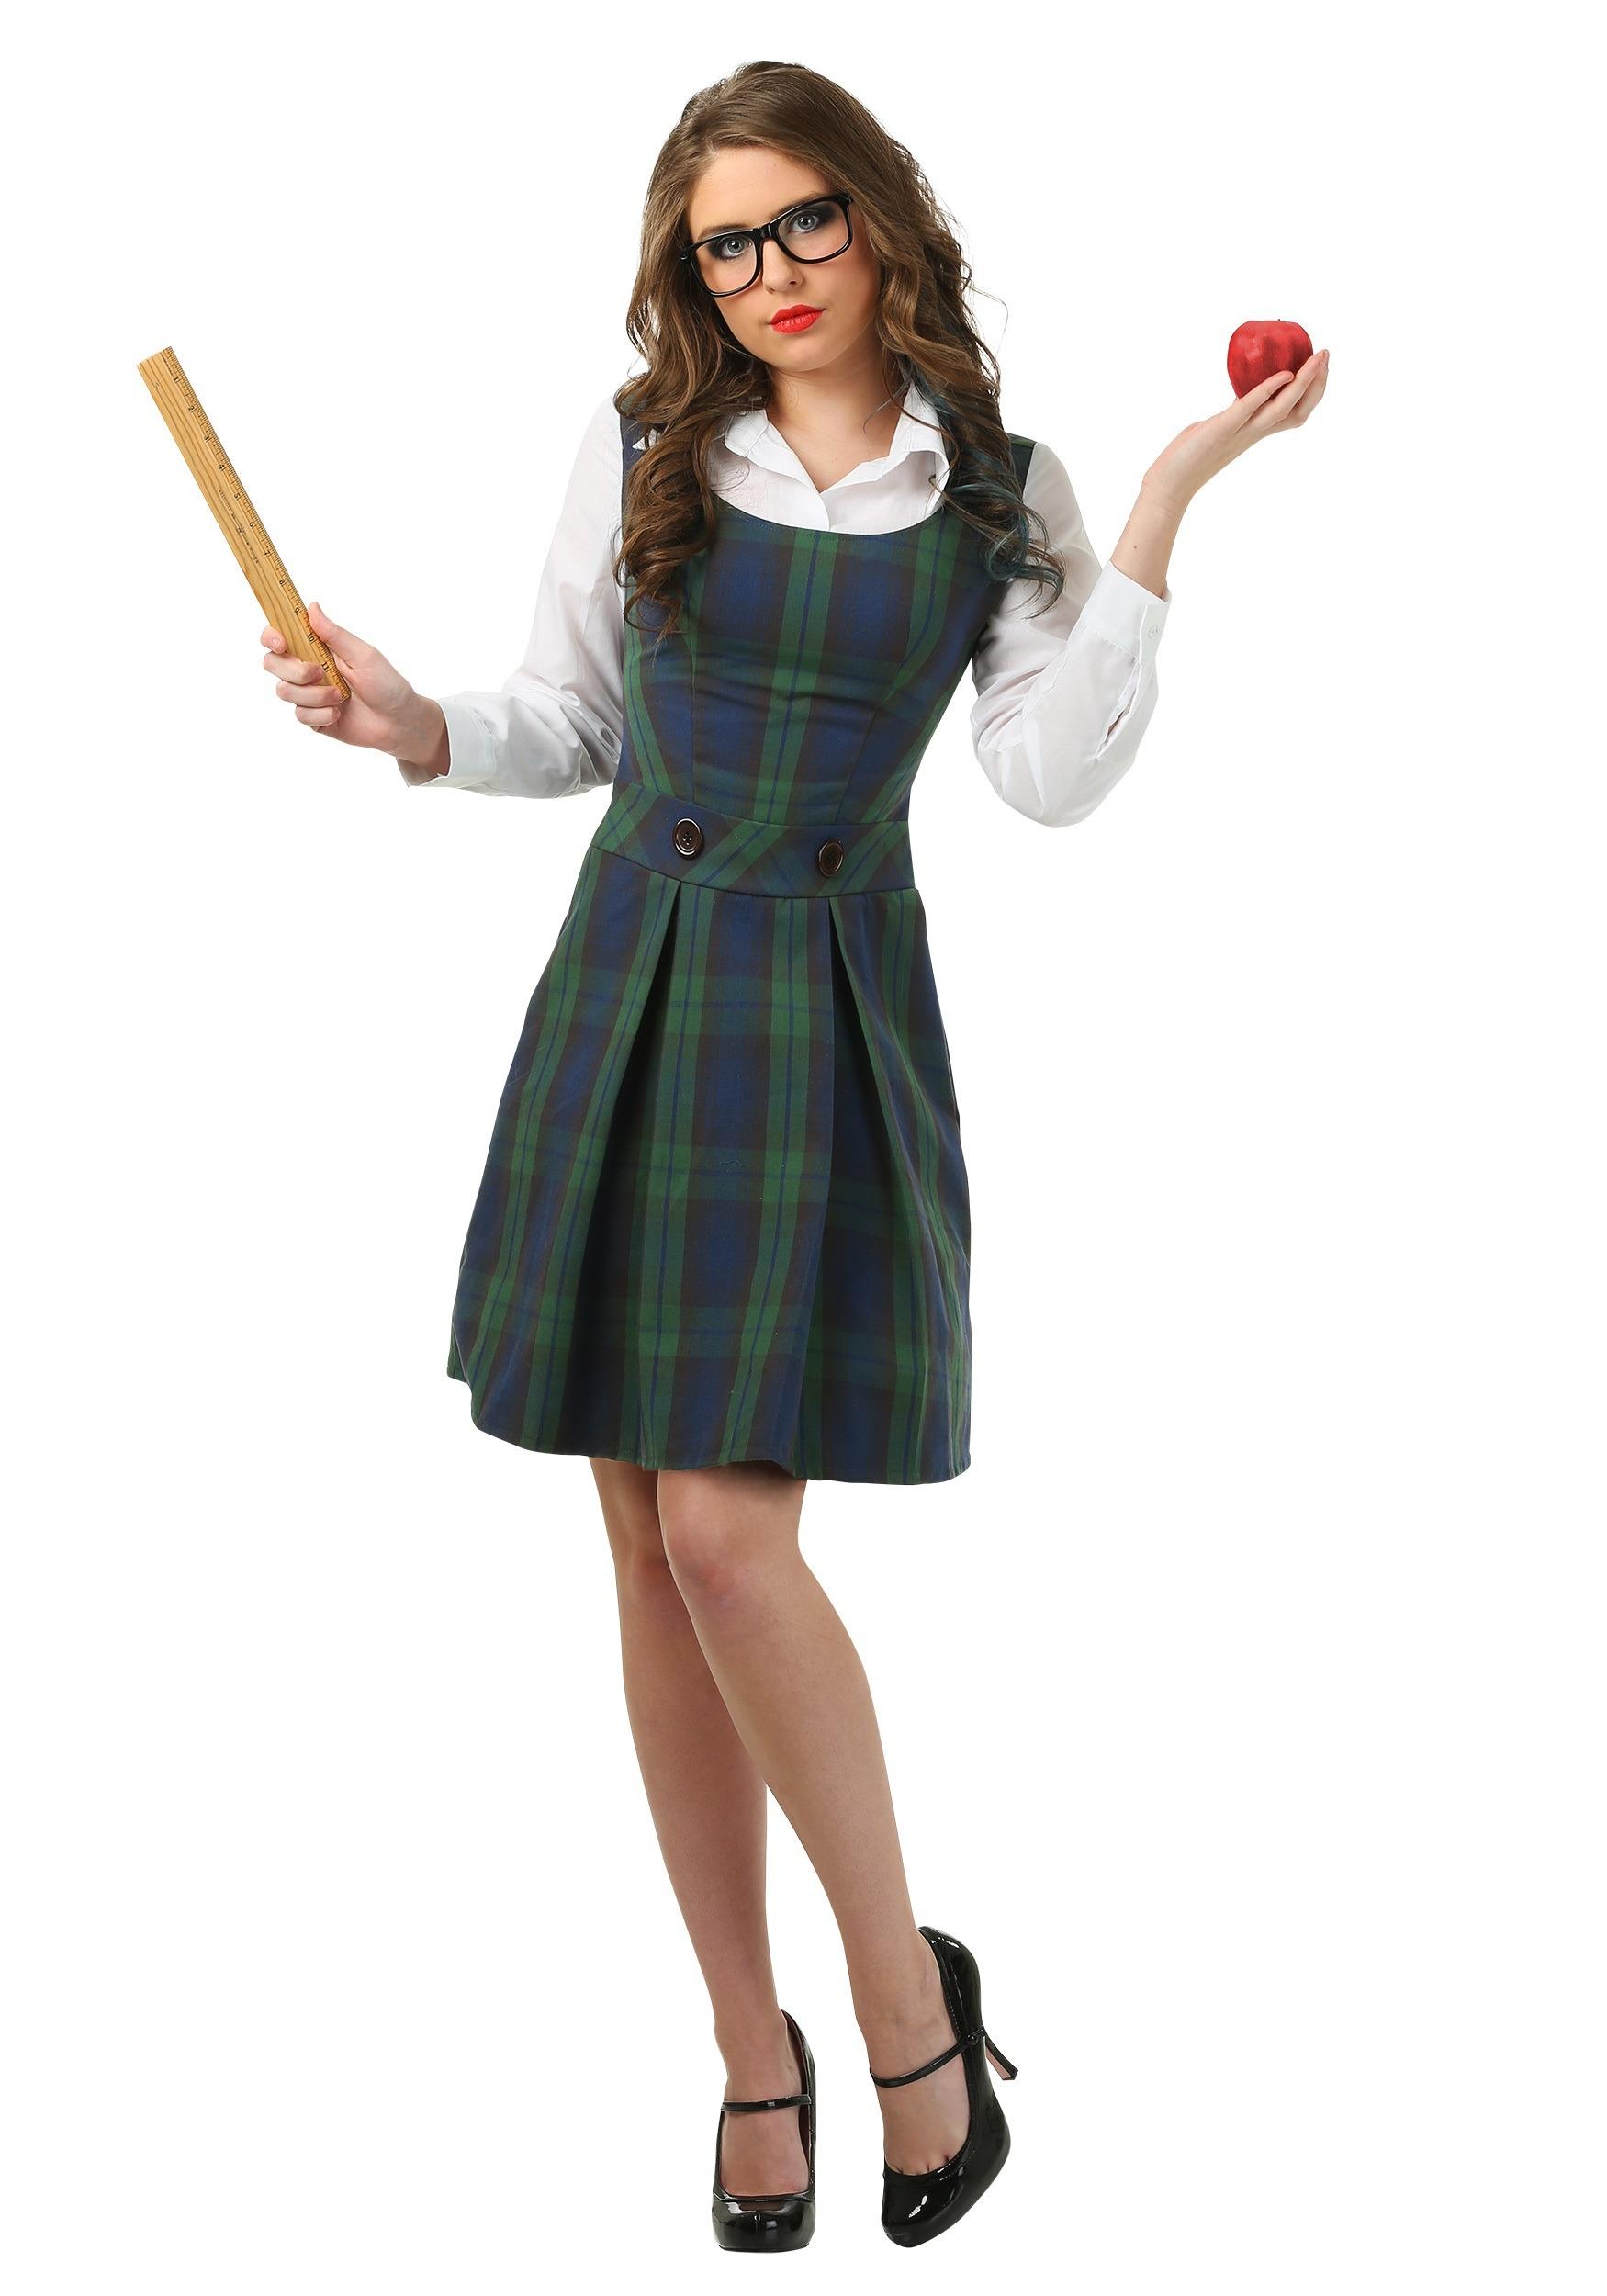 Halloween school door decorations - Womens School Girl Costume